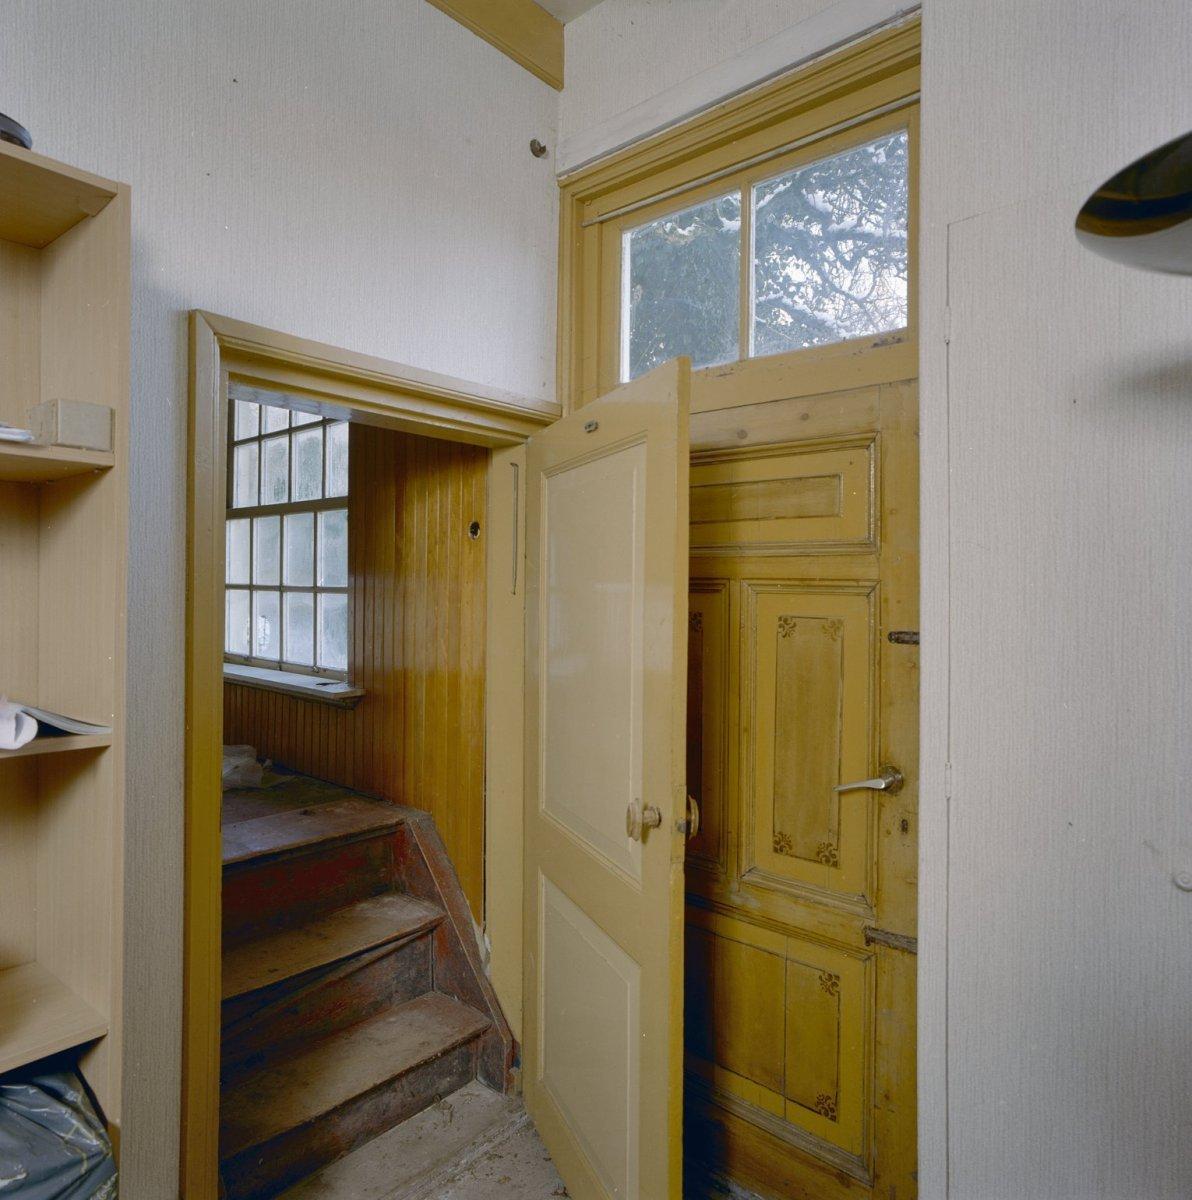 File interieur kamer voorhuis rechts trapje naar de for Kamer interieur